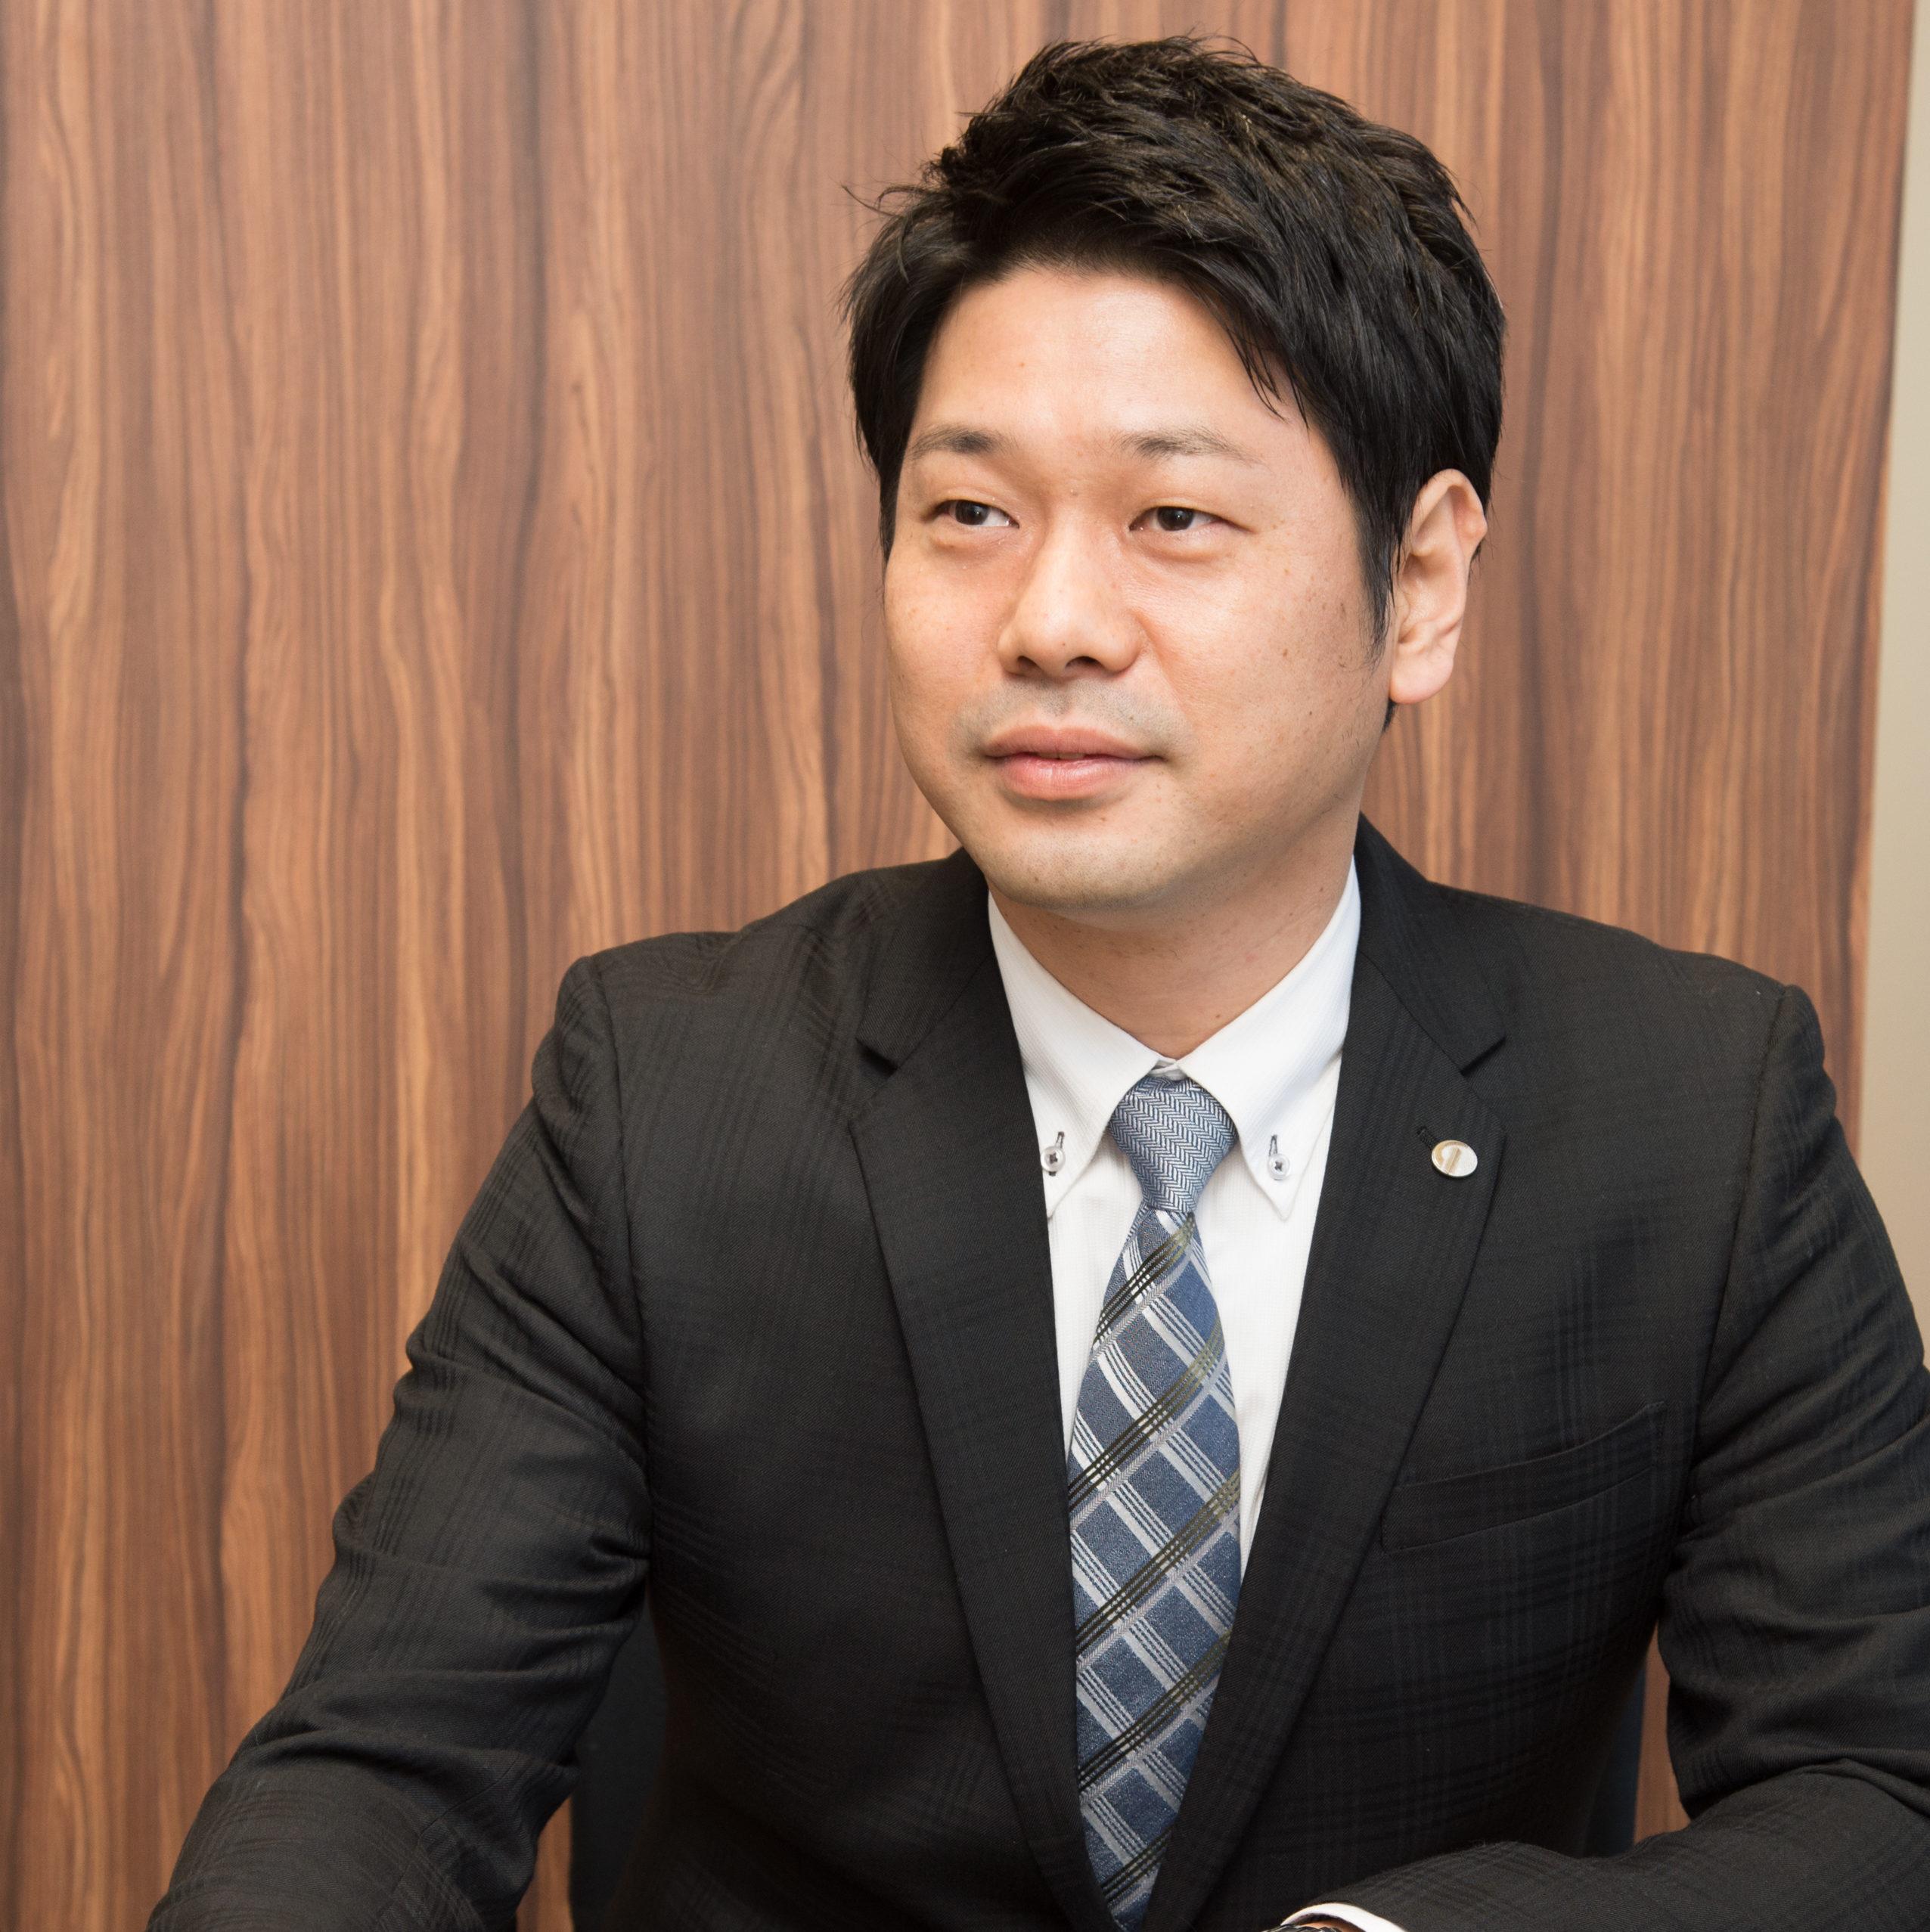 野口 慎太郎